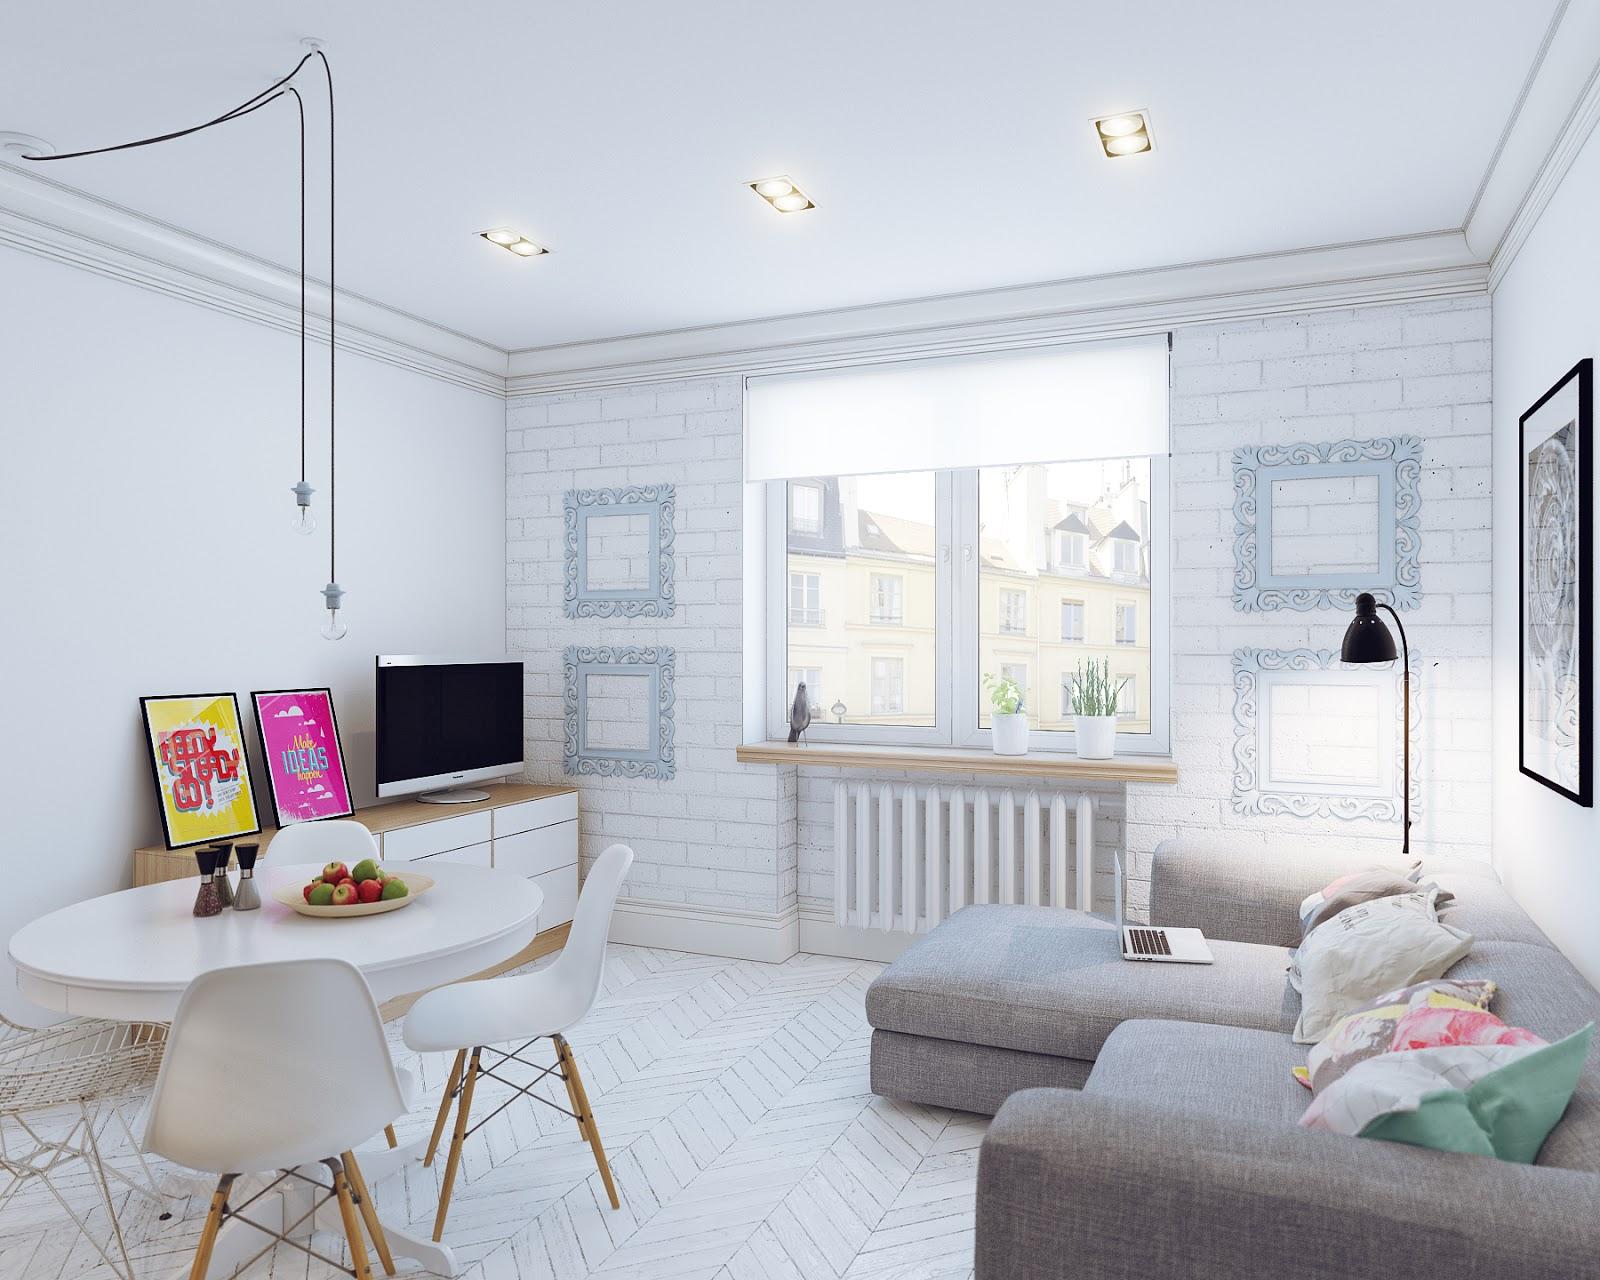 Top Arredare piccoli spazi giocando con i colori: 25 mq straordinari DK98